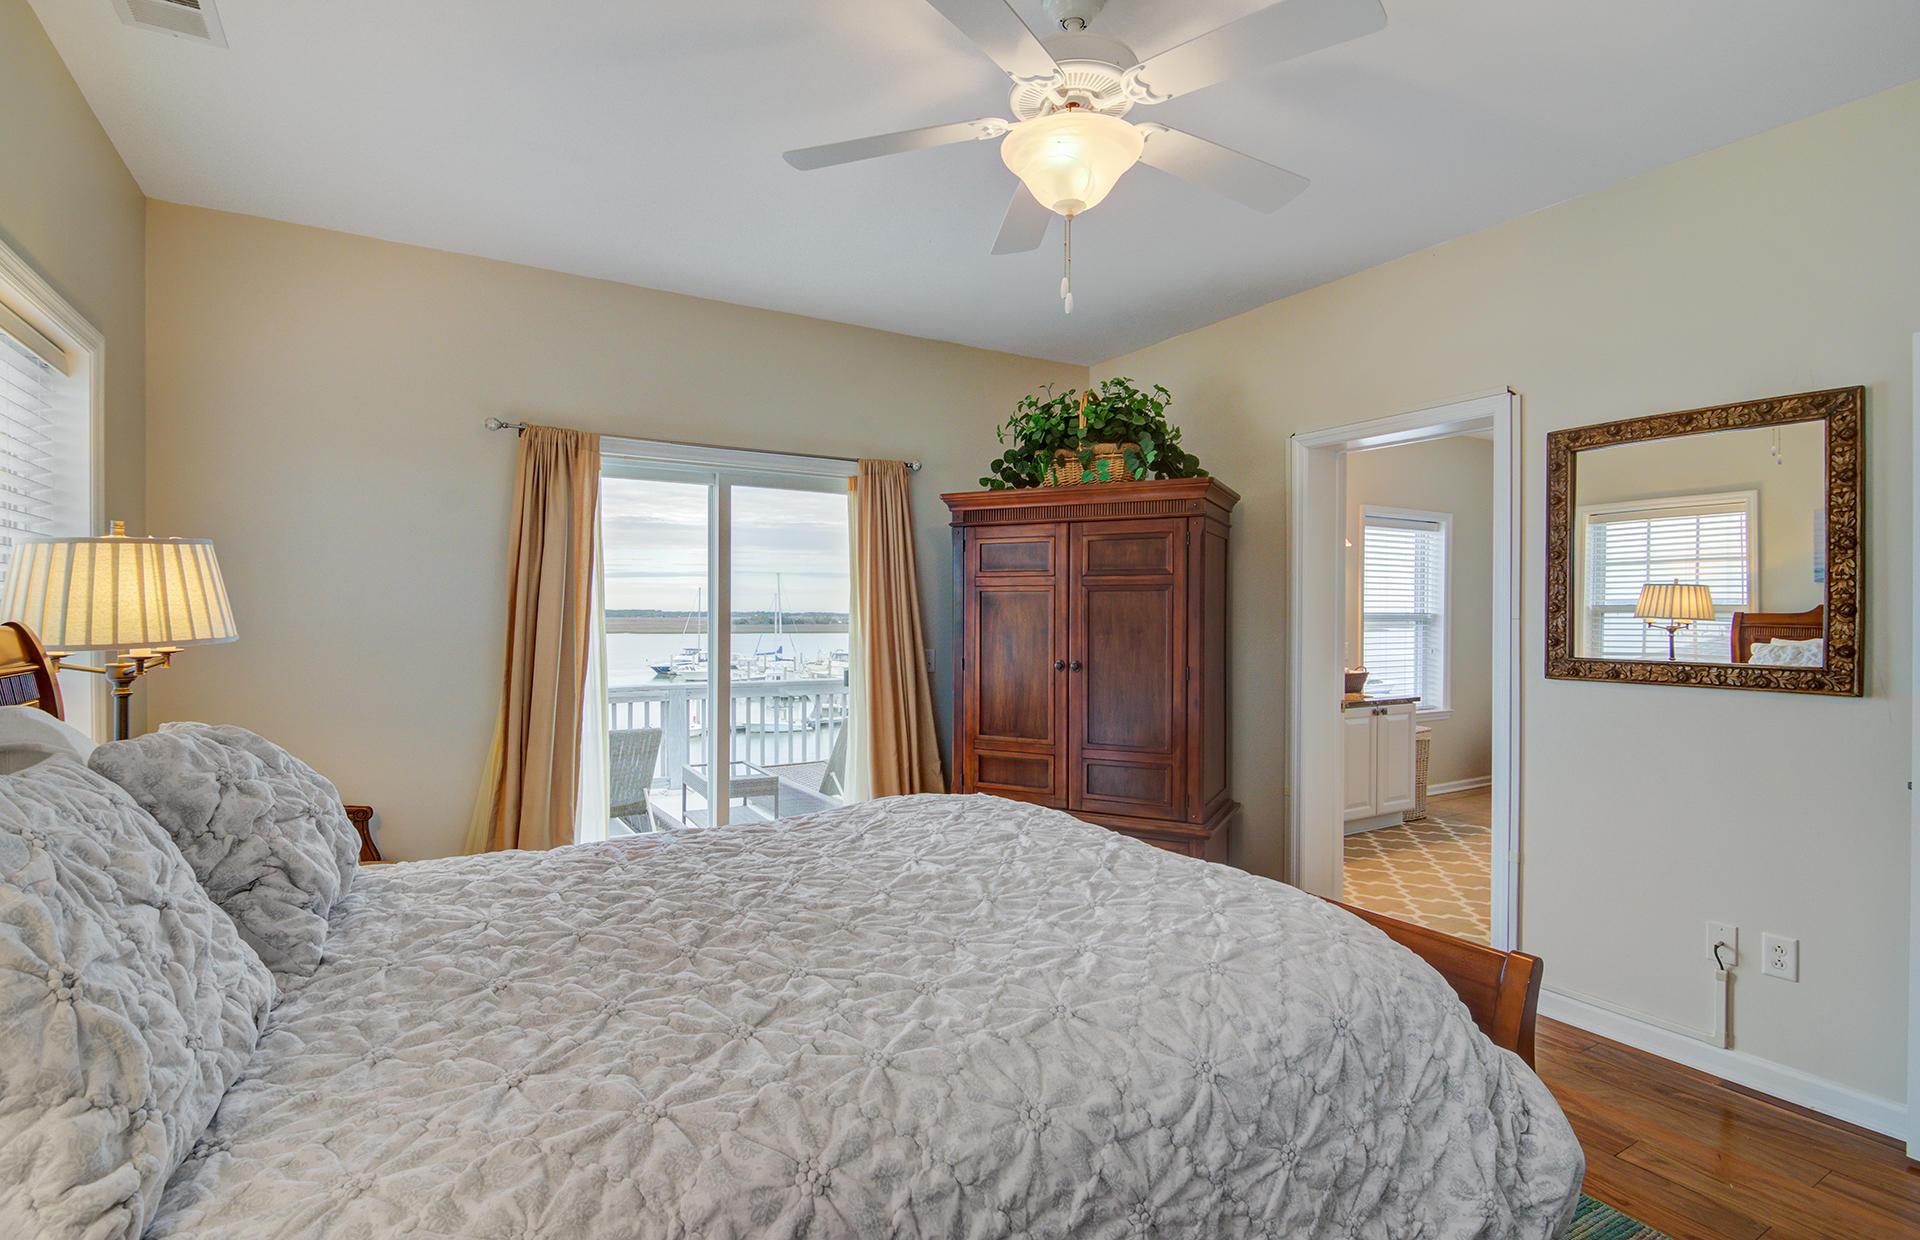 Sunset Cay Marina Homes For Sale - 67 9th, Folly Beach, SC - 39